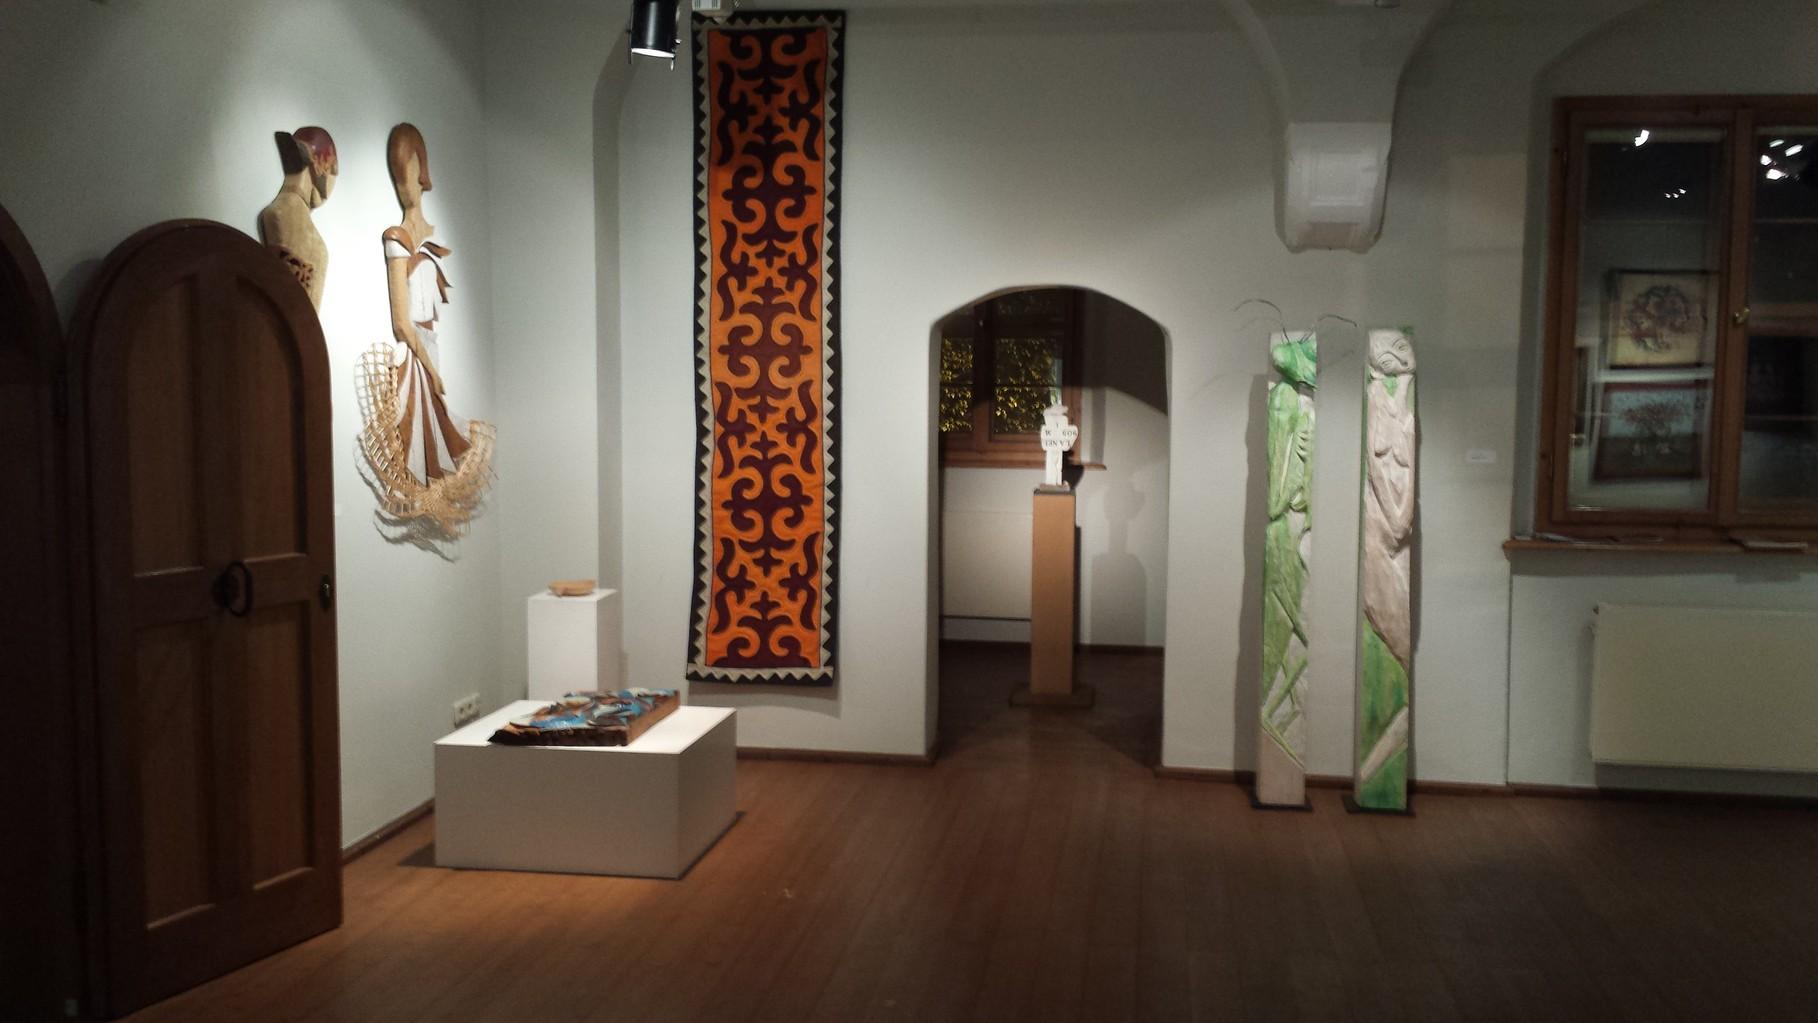 Kaffenbach Wasserschloss Ausstellung mit Beteiligung von Art Leben im Holz Chemnitz